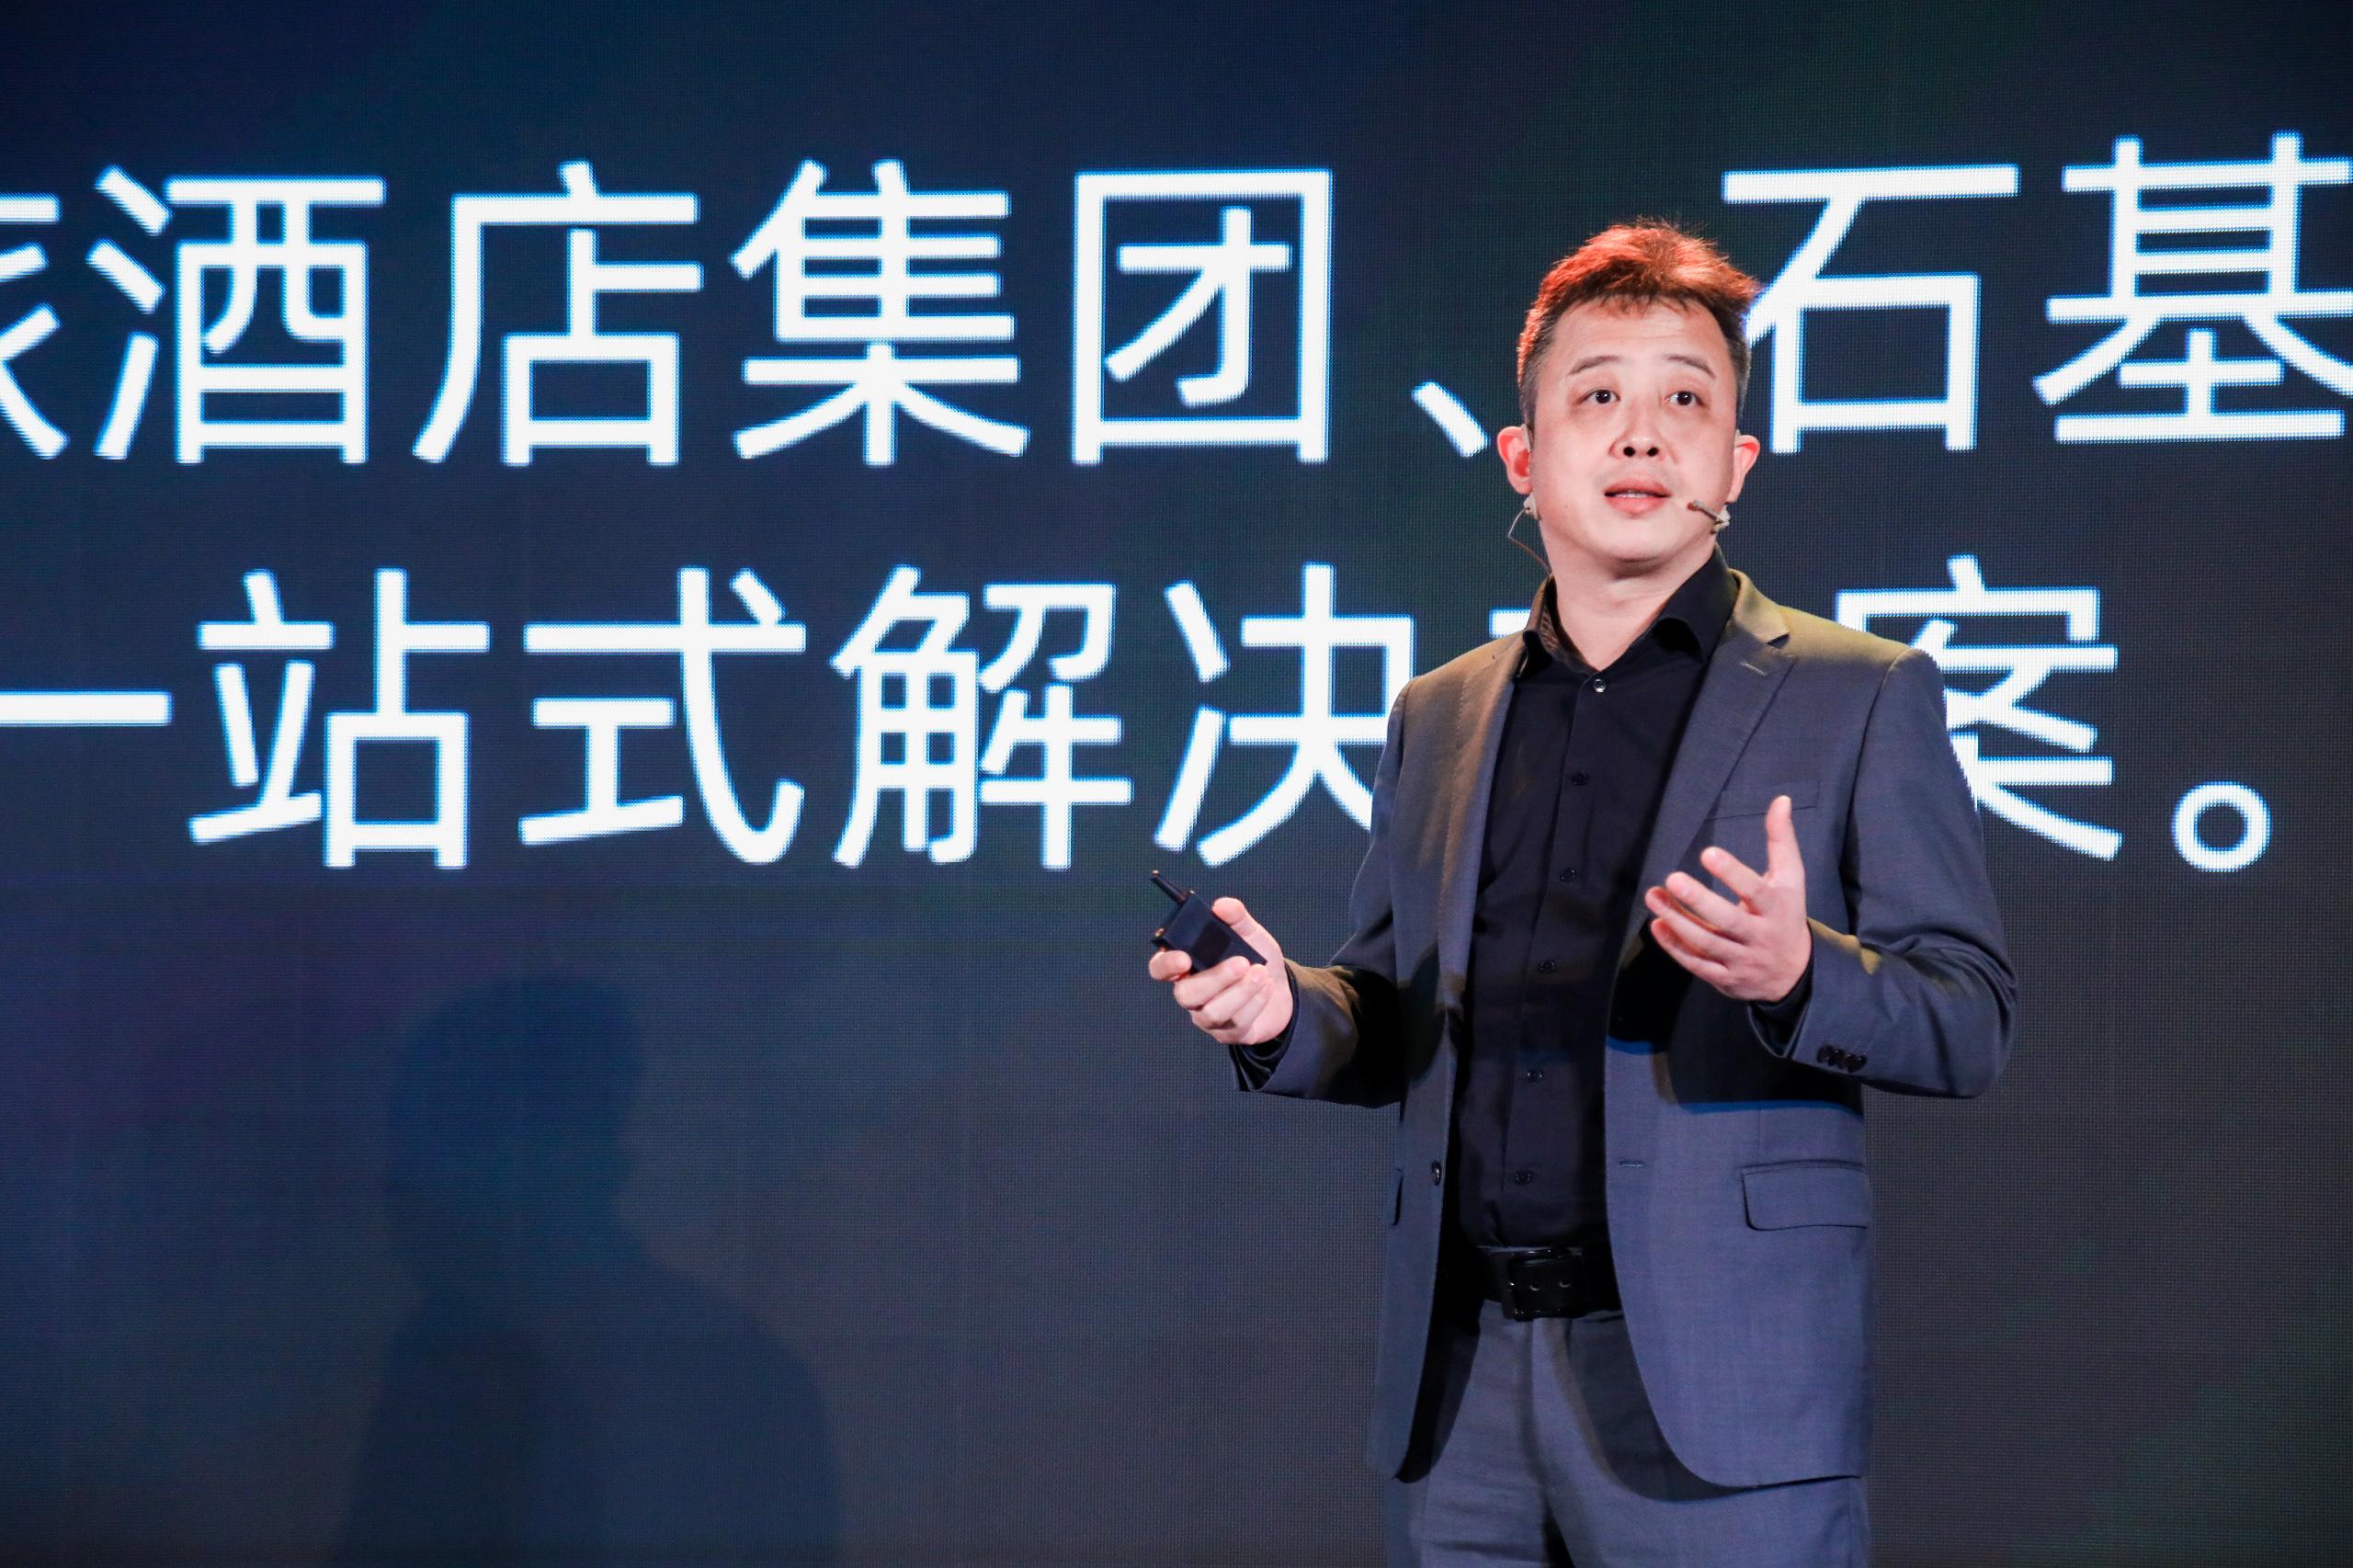 飞猪成立菲住酒店联盟 布局万亿级单体酒店市场